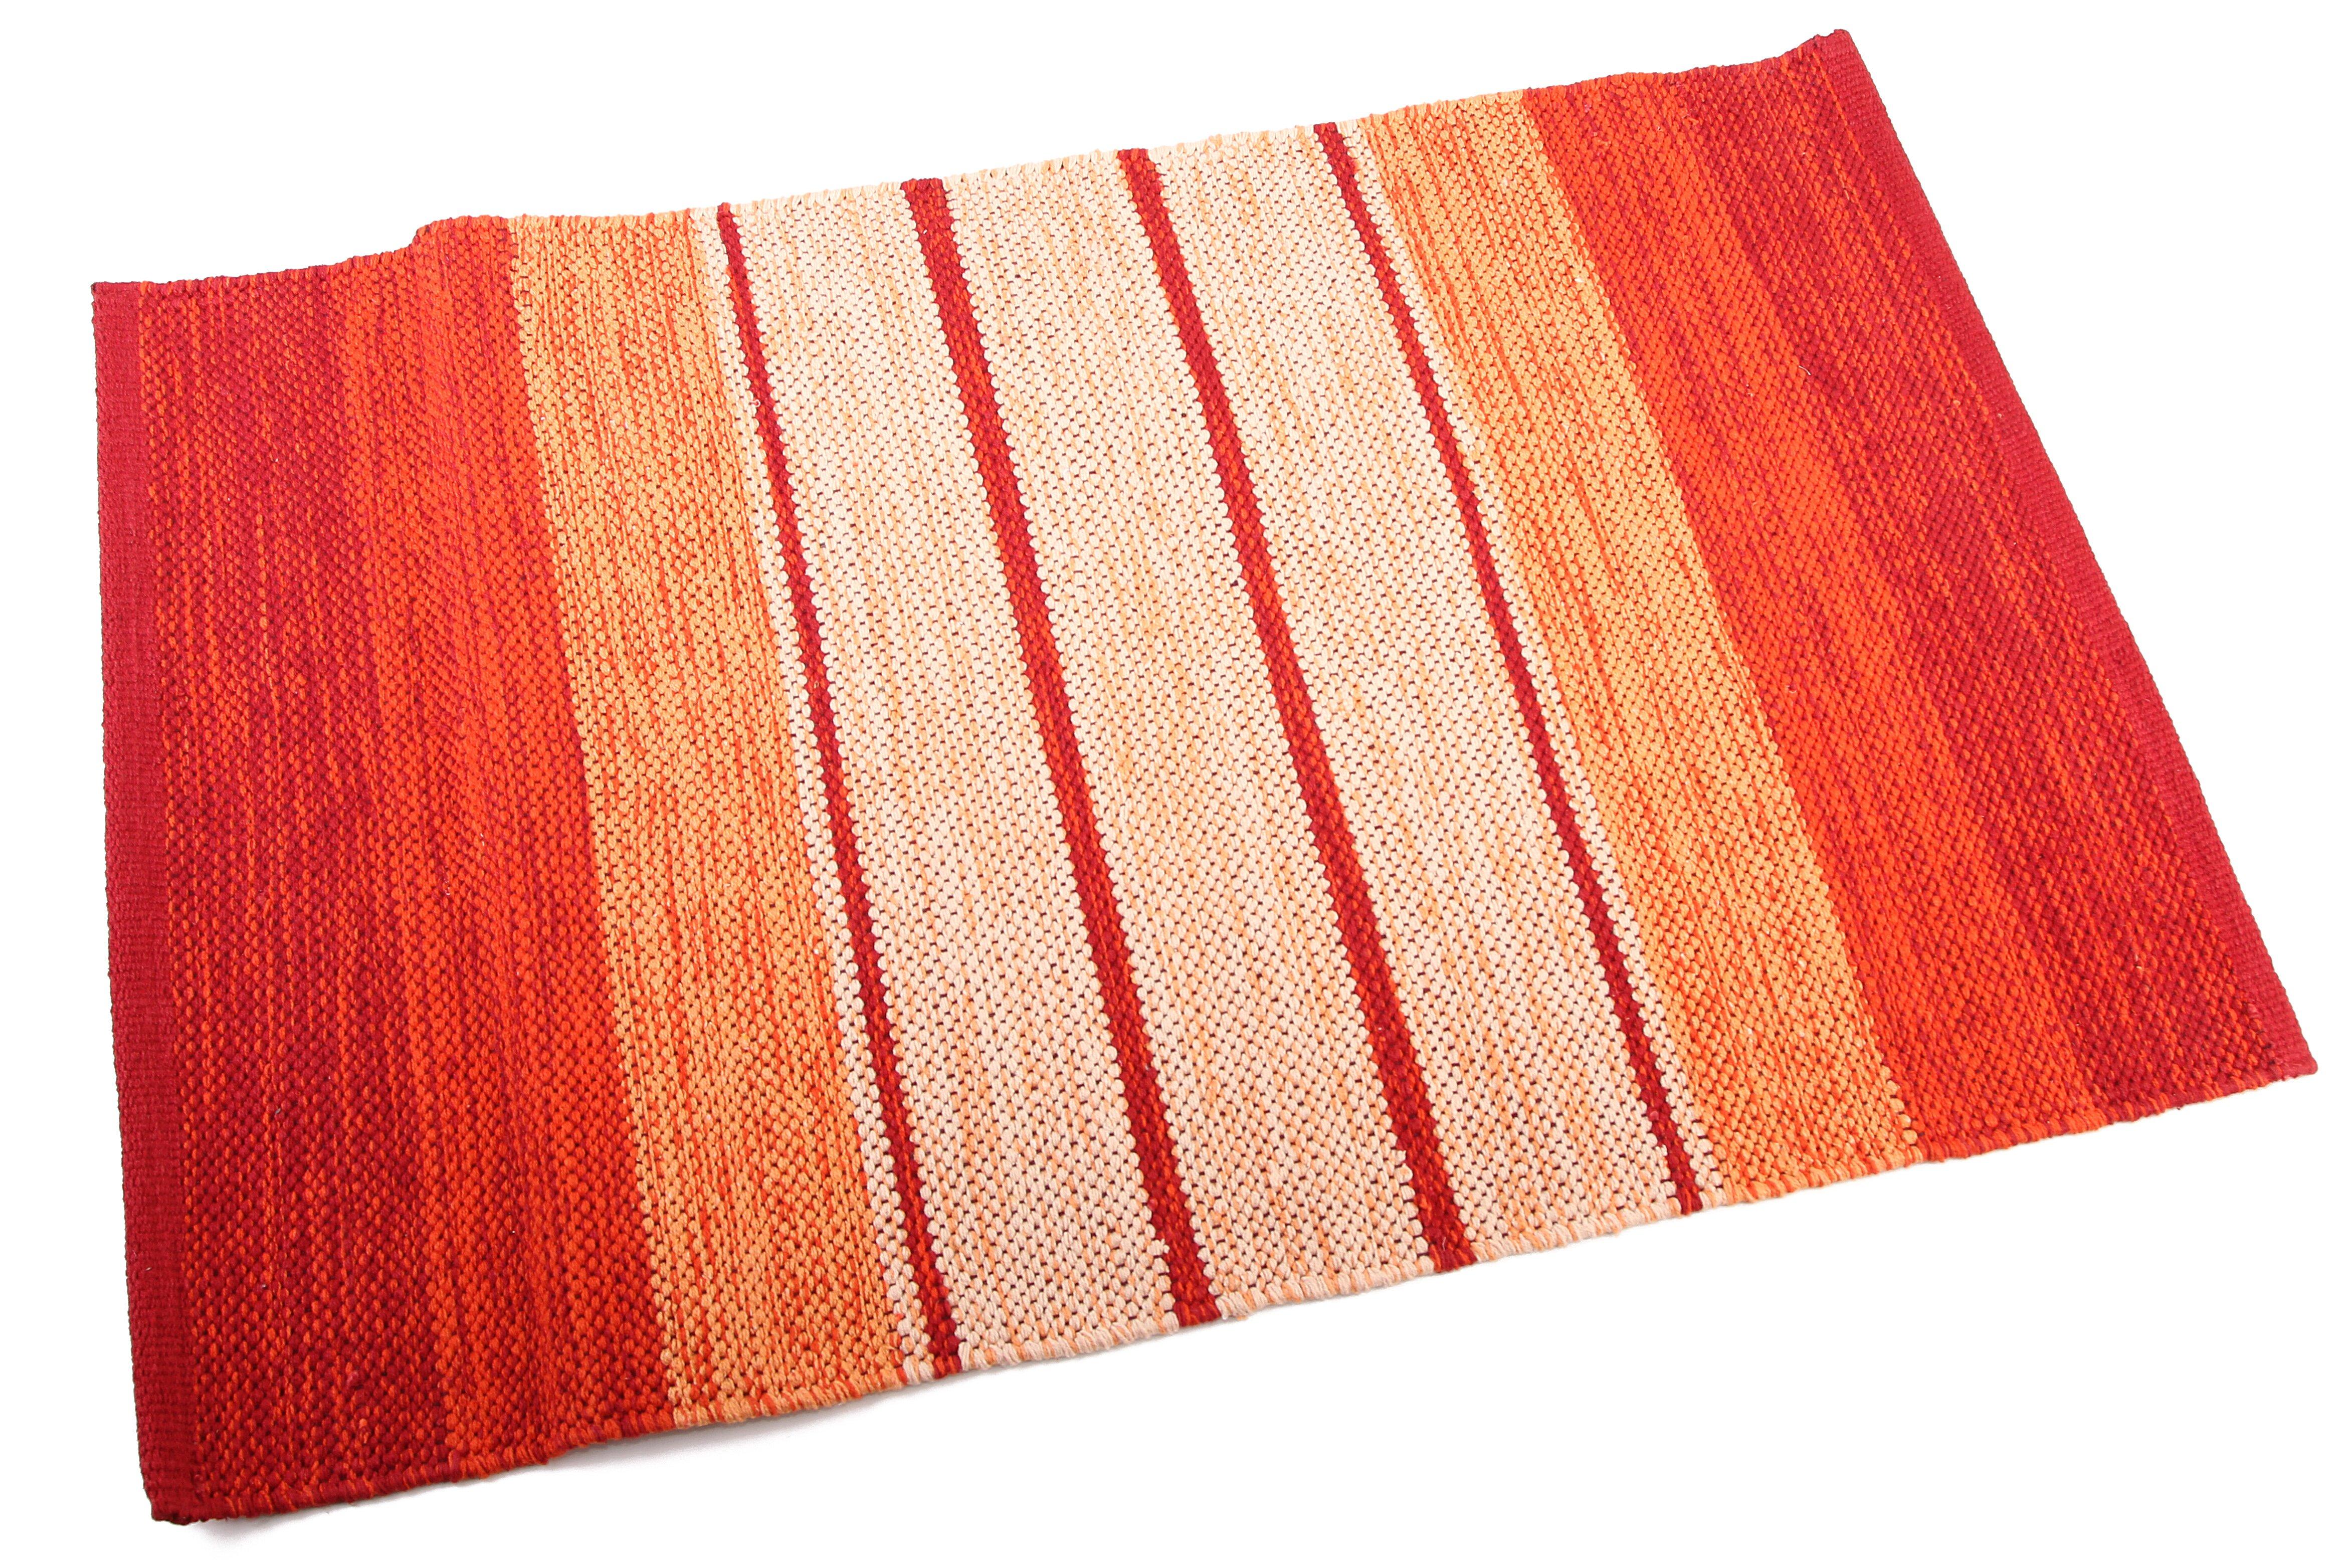 Ковры и ковровые дорожки Ганг Ковер Doriane Цвет: Оранжевый (60х150 см) decotech ваза doriane 24 см